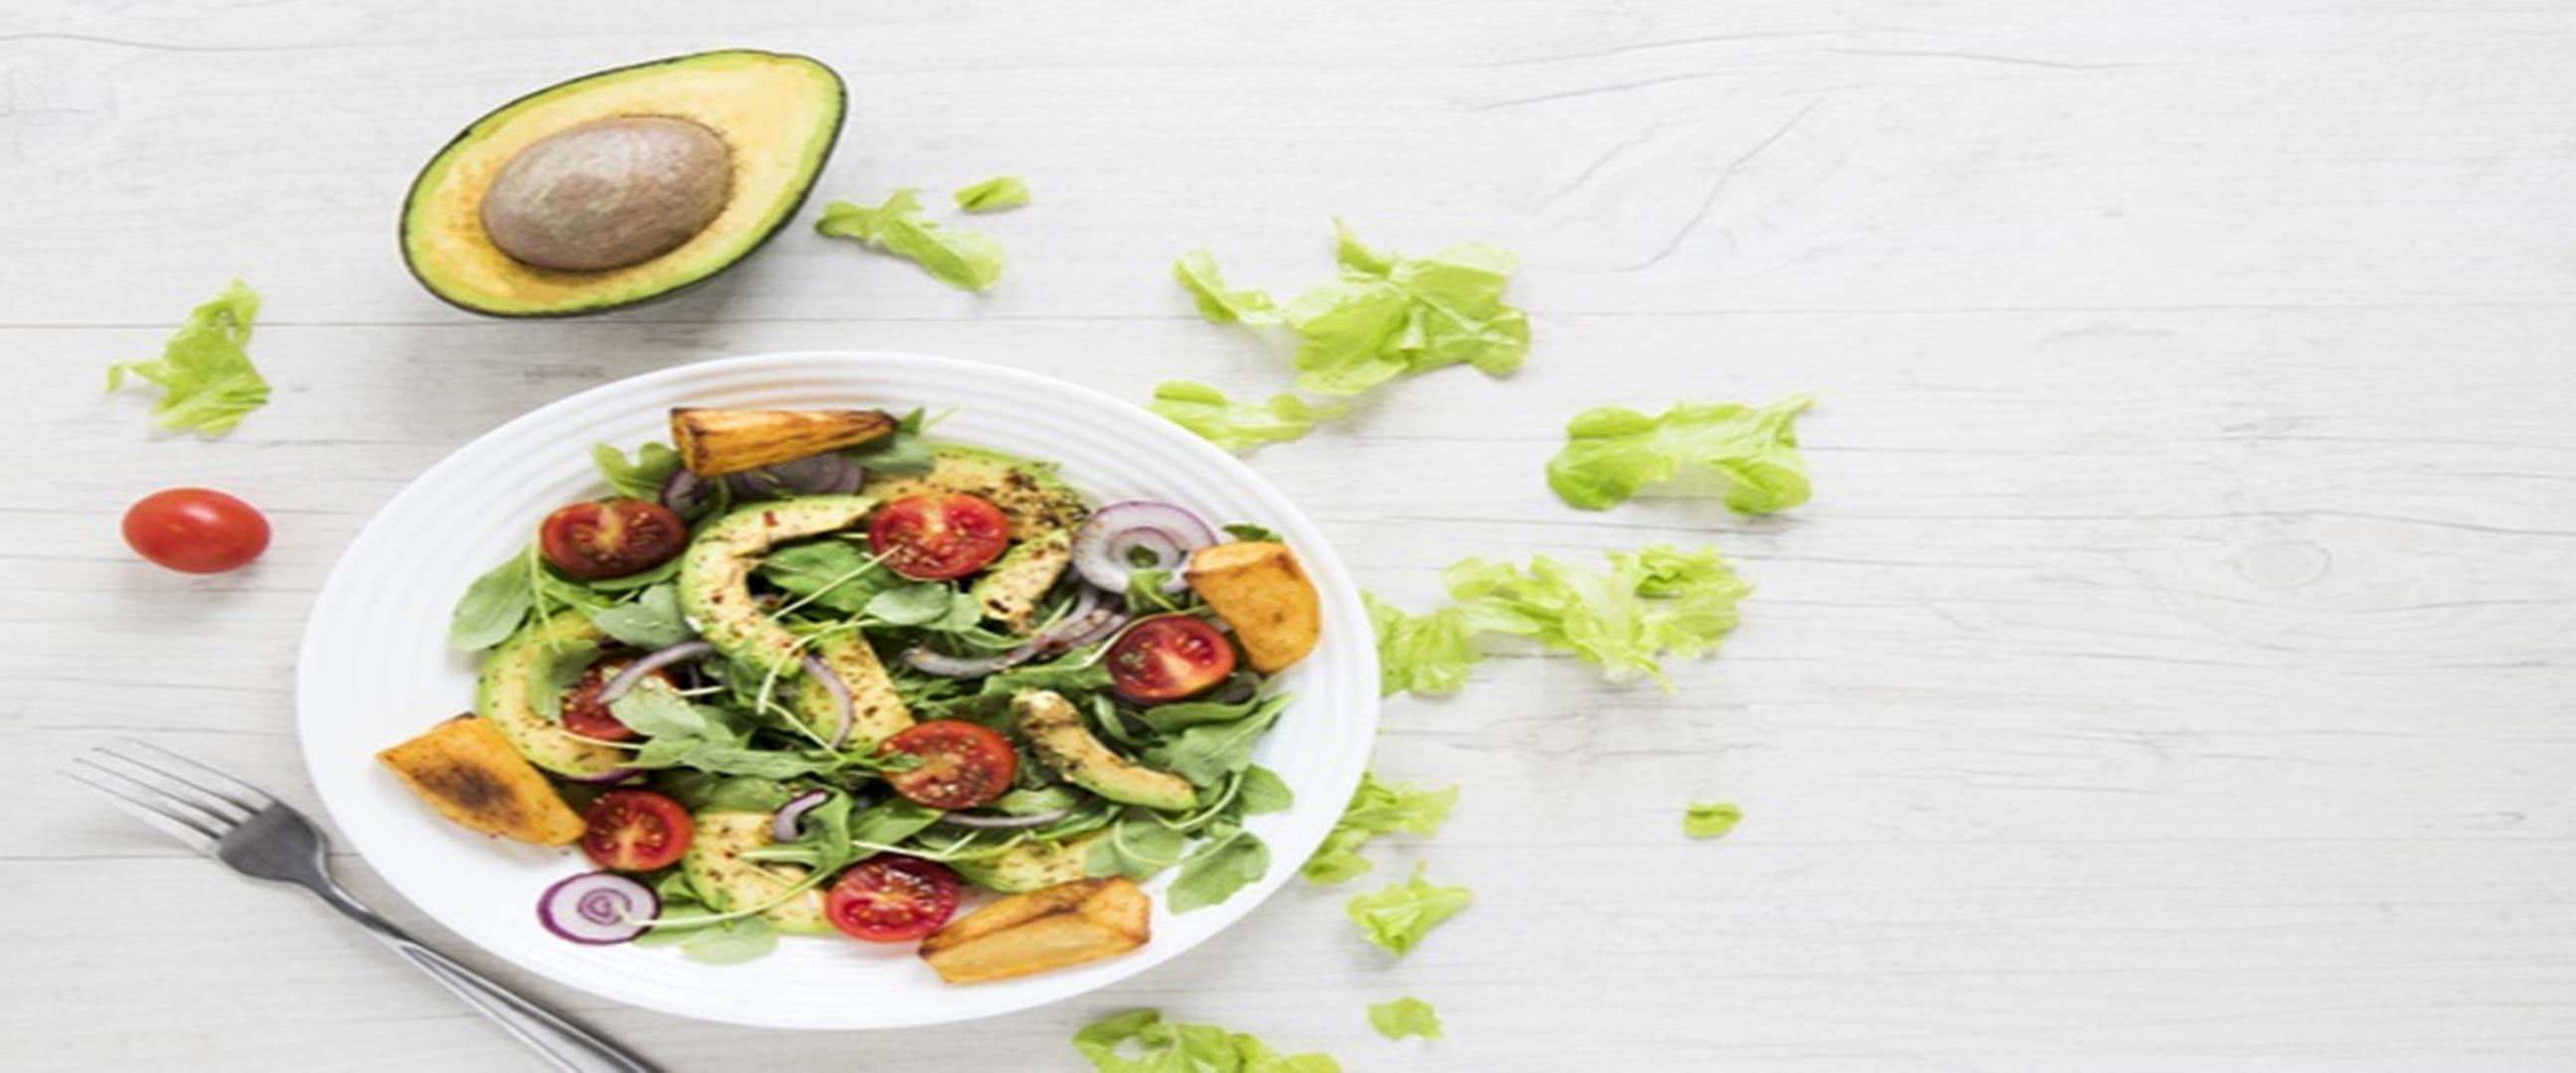 15 Sayur & buah yang bisa tingkatkan kekebalan tubuh, wajib dikonsumsi